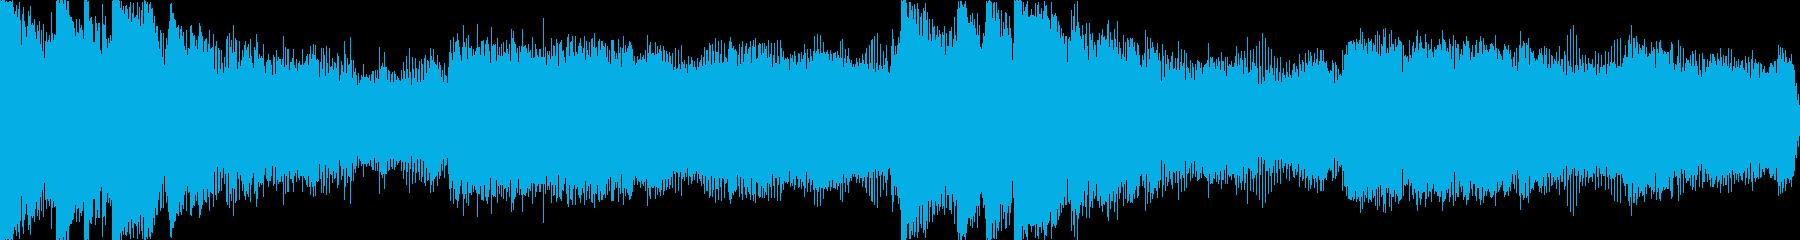 【ループA】ヘヴィーで攻撃的エレキギターの再生済みの波形